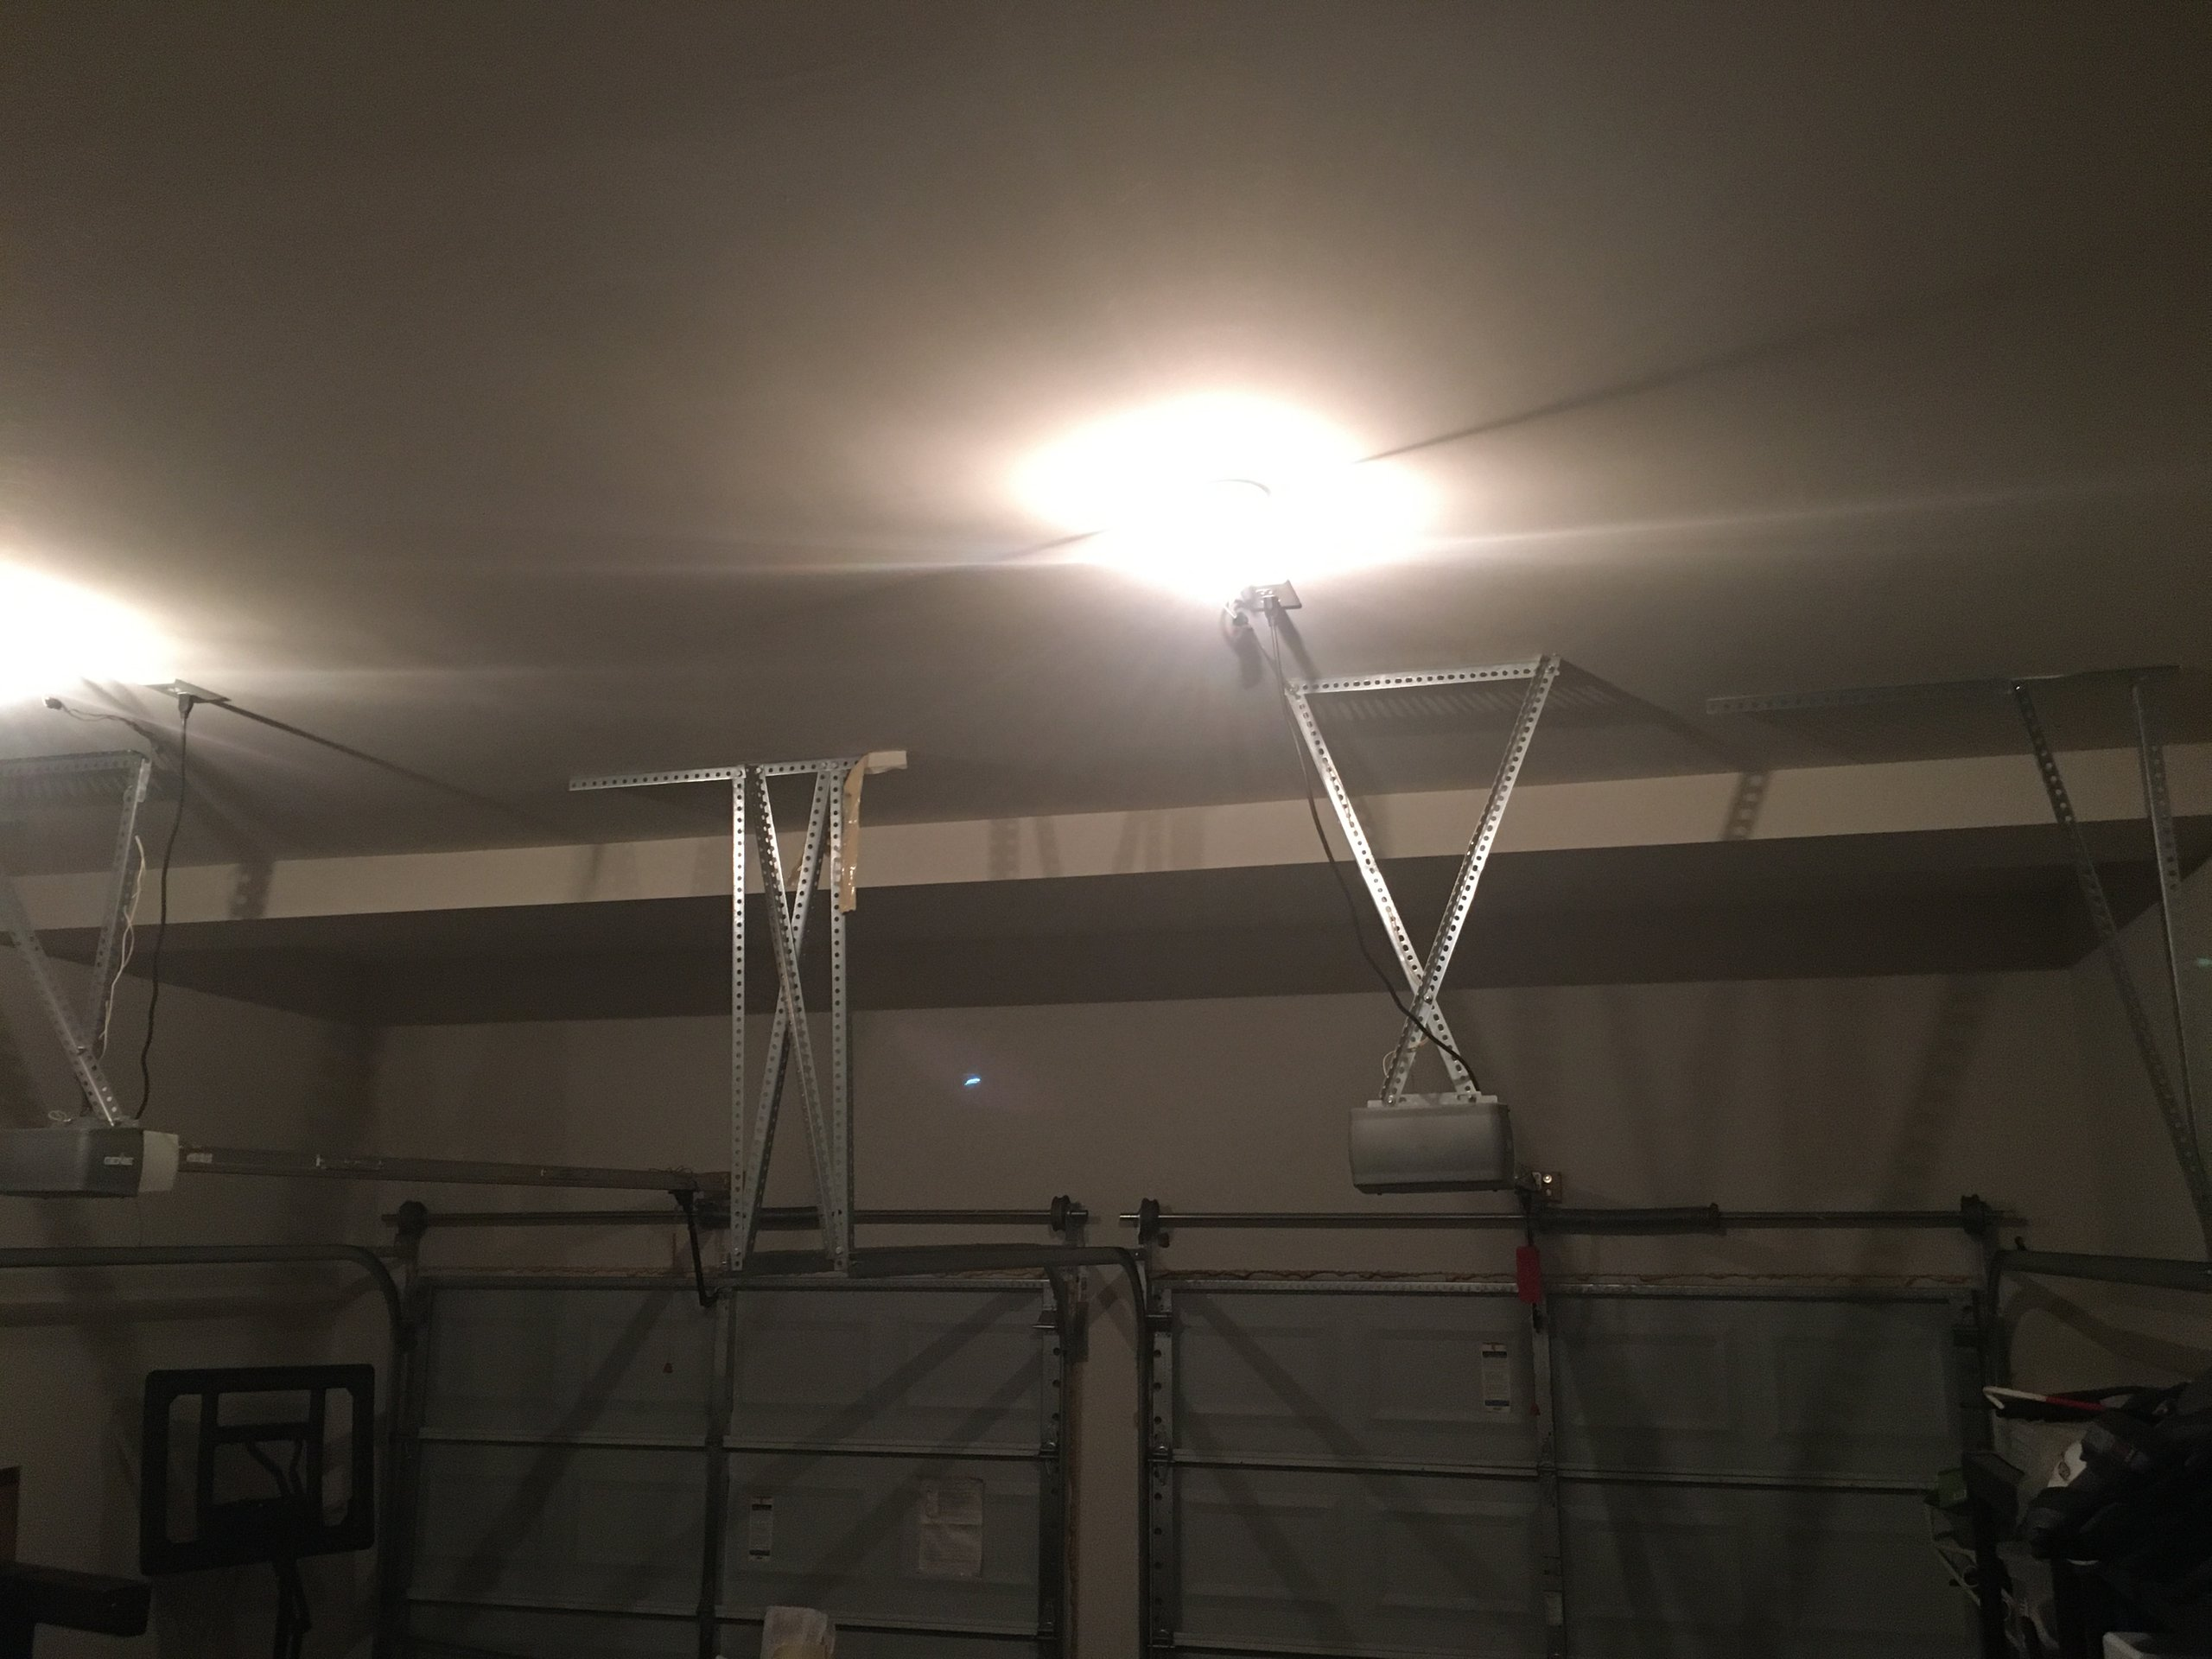 200x200 Garage self storage unit